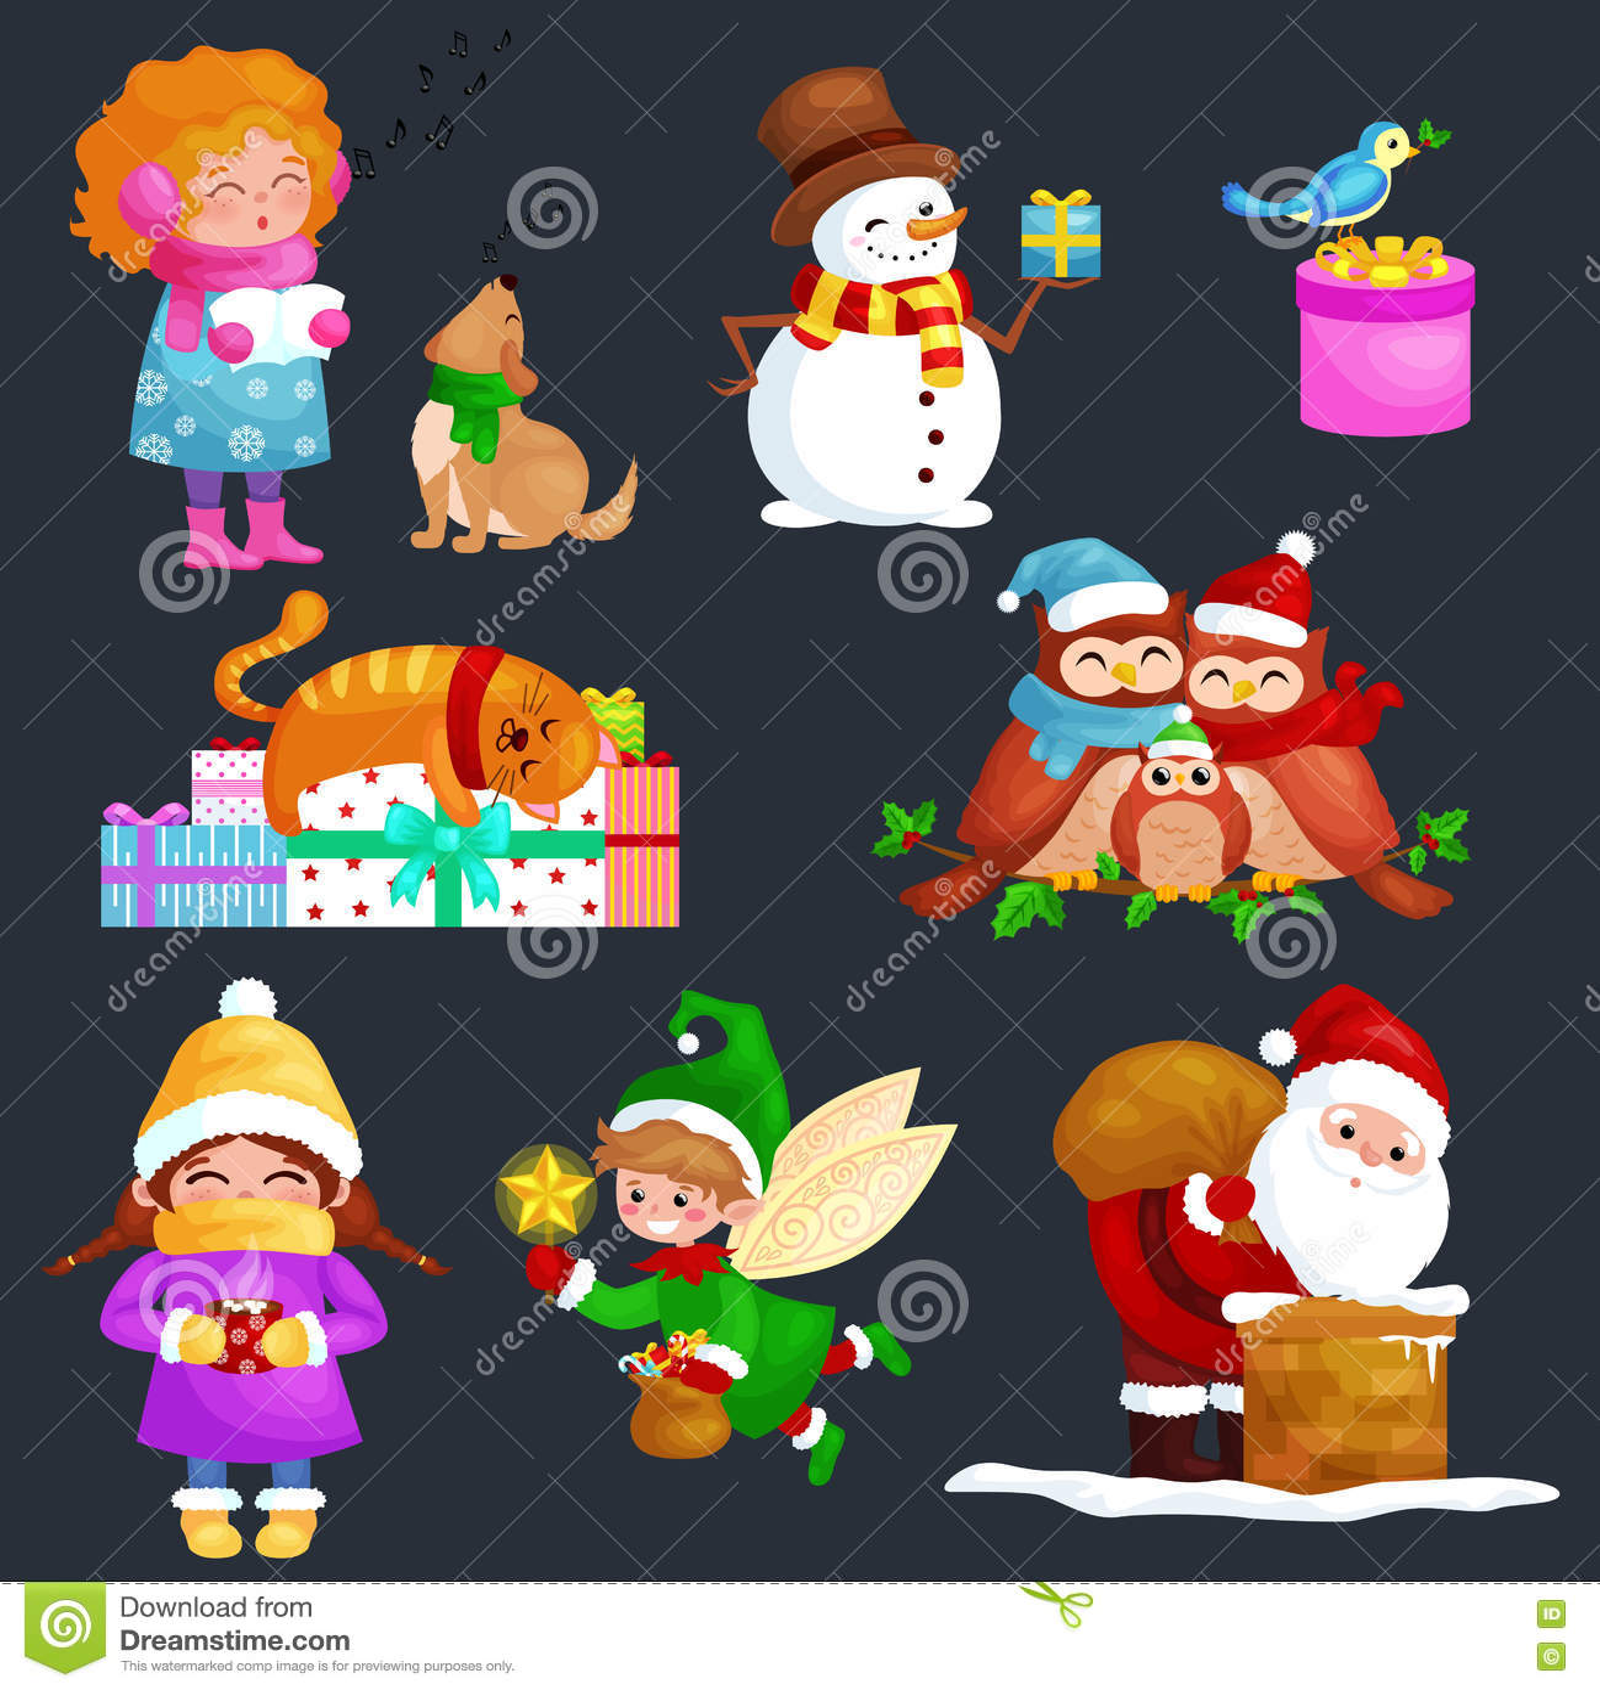 Buon Natale Buon Natale Canzone.Il Buon Natale Fissato Illustrazioni Il Buon Anno Ragazza Canta Le